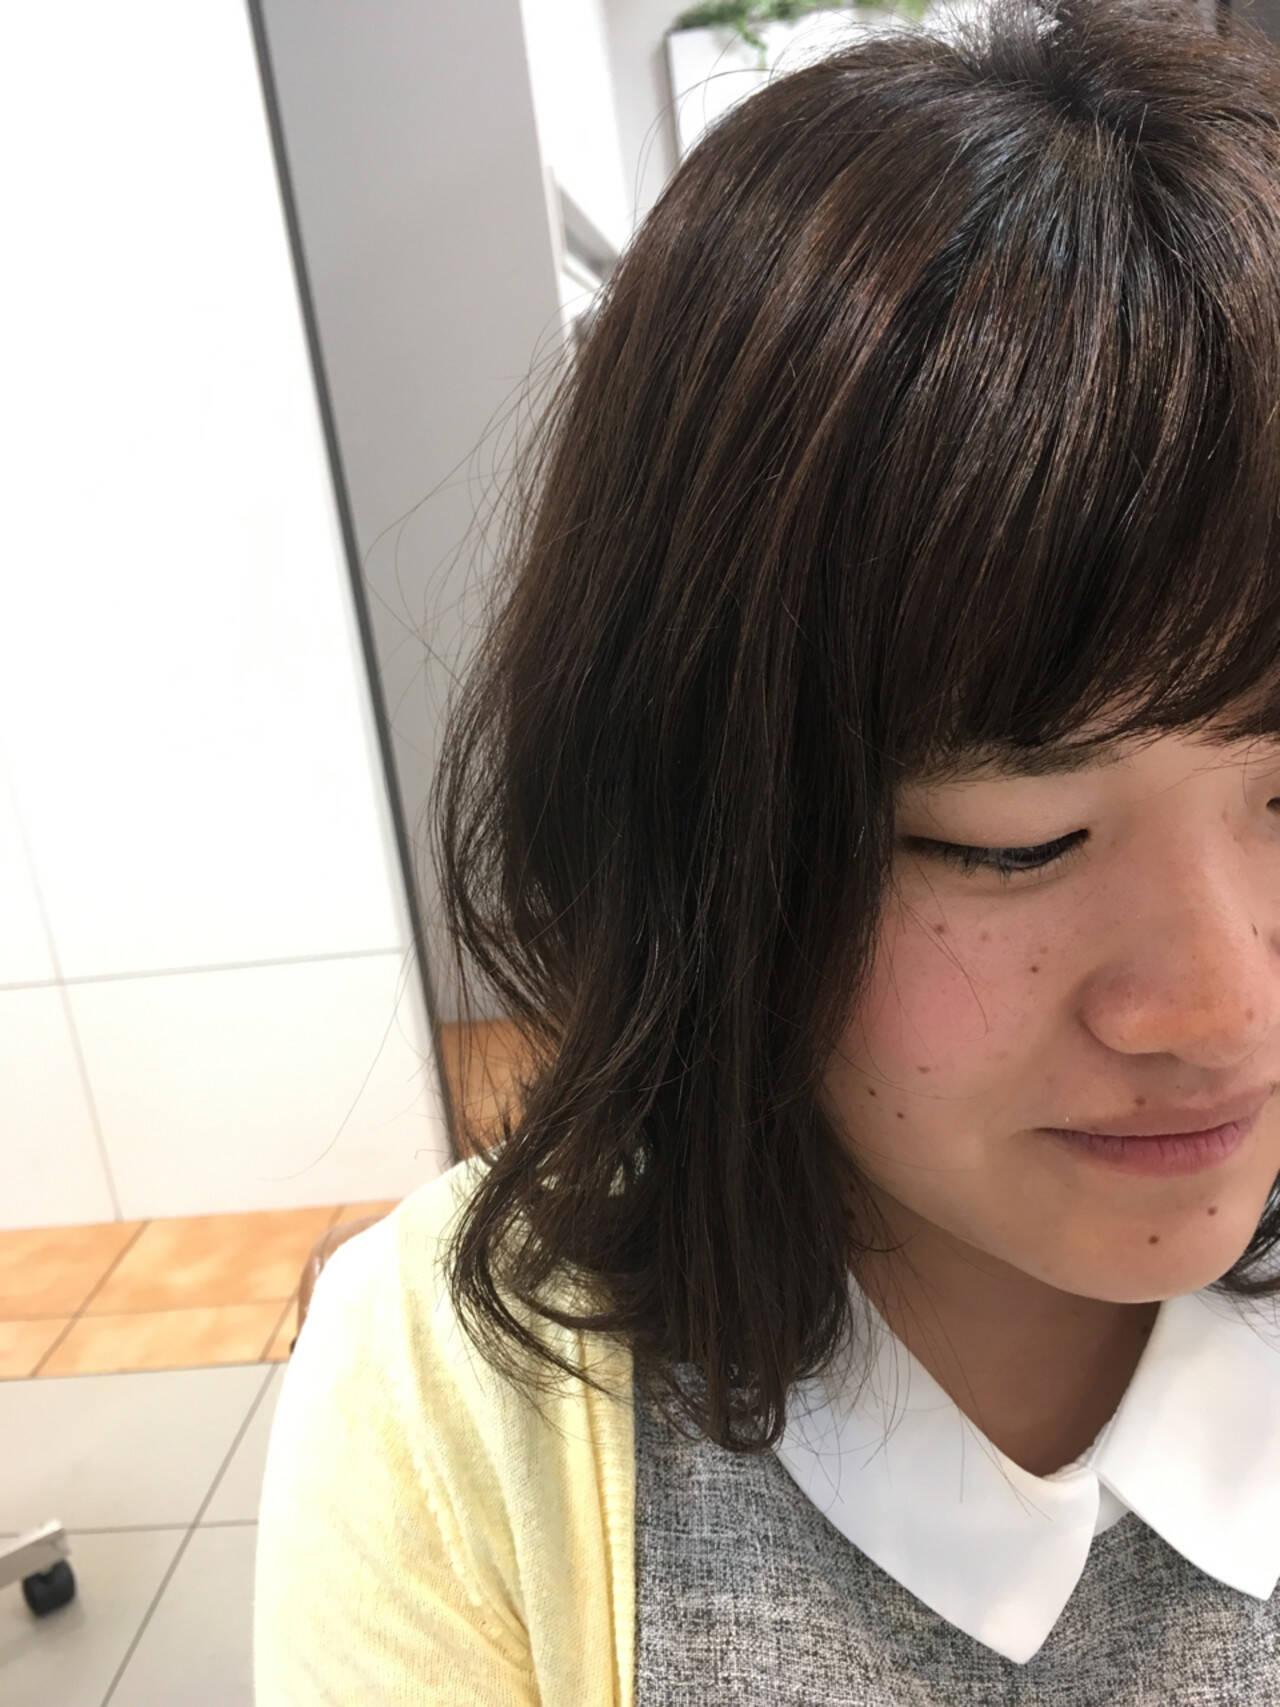 ミディアム 透明感 アッシュ セミロングヘアスタイルや髪型の写真・画像